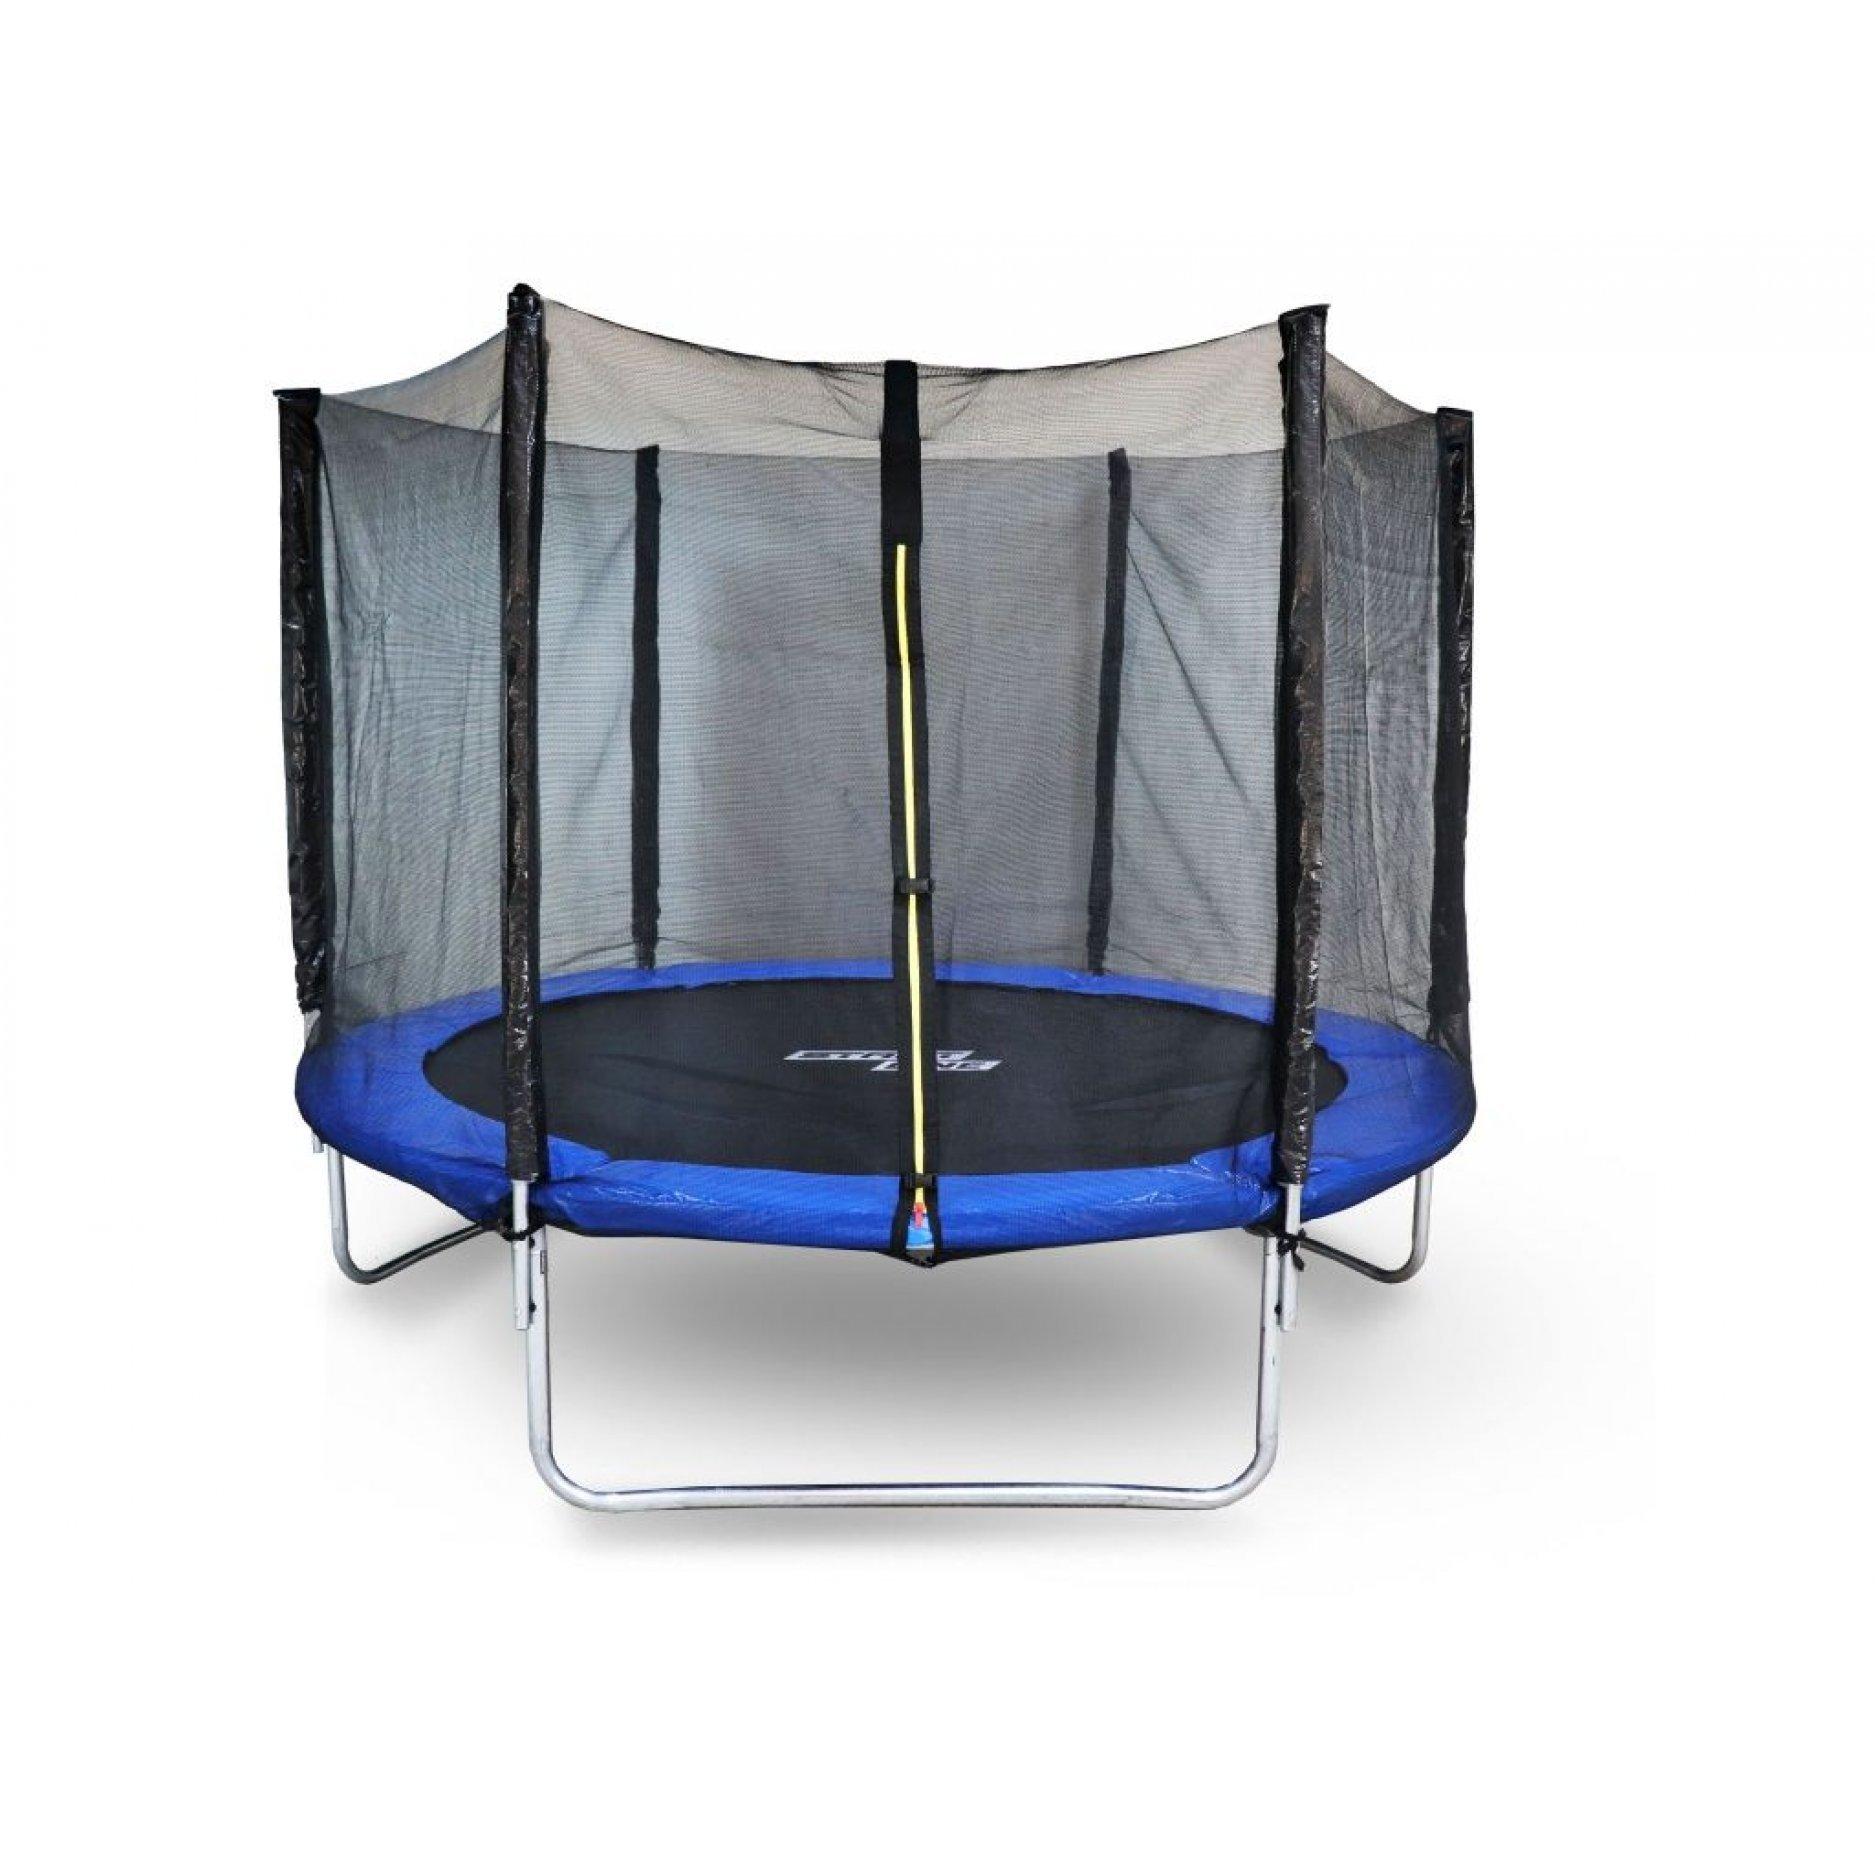 Батут StartLine Fitness 10 футов (305 см) СКЛАДНОЙ с внешней сеткой и лестницей